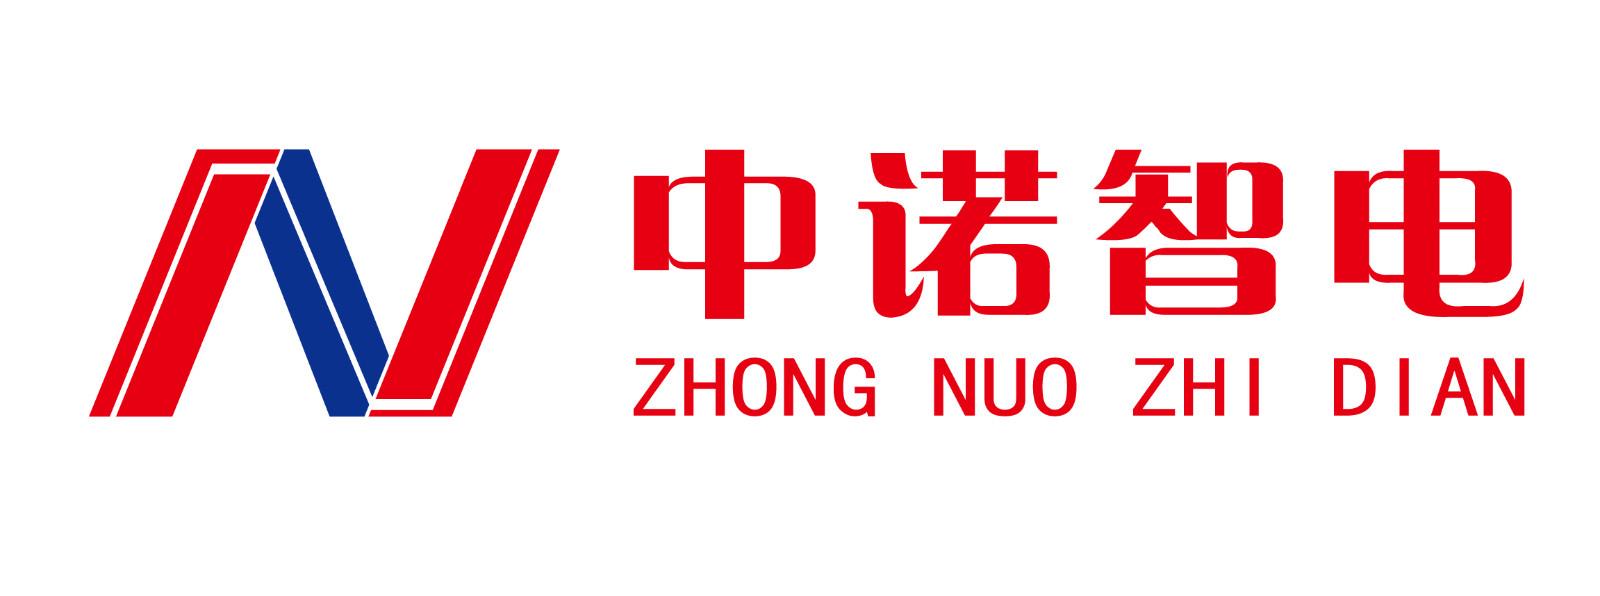 北京中诺智电科技有限公司